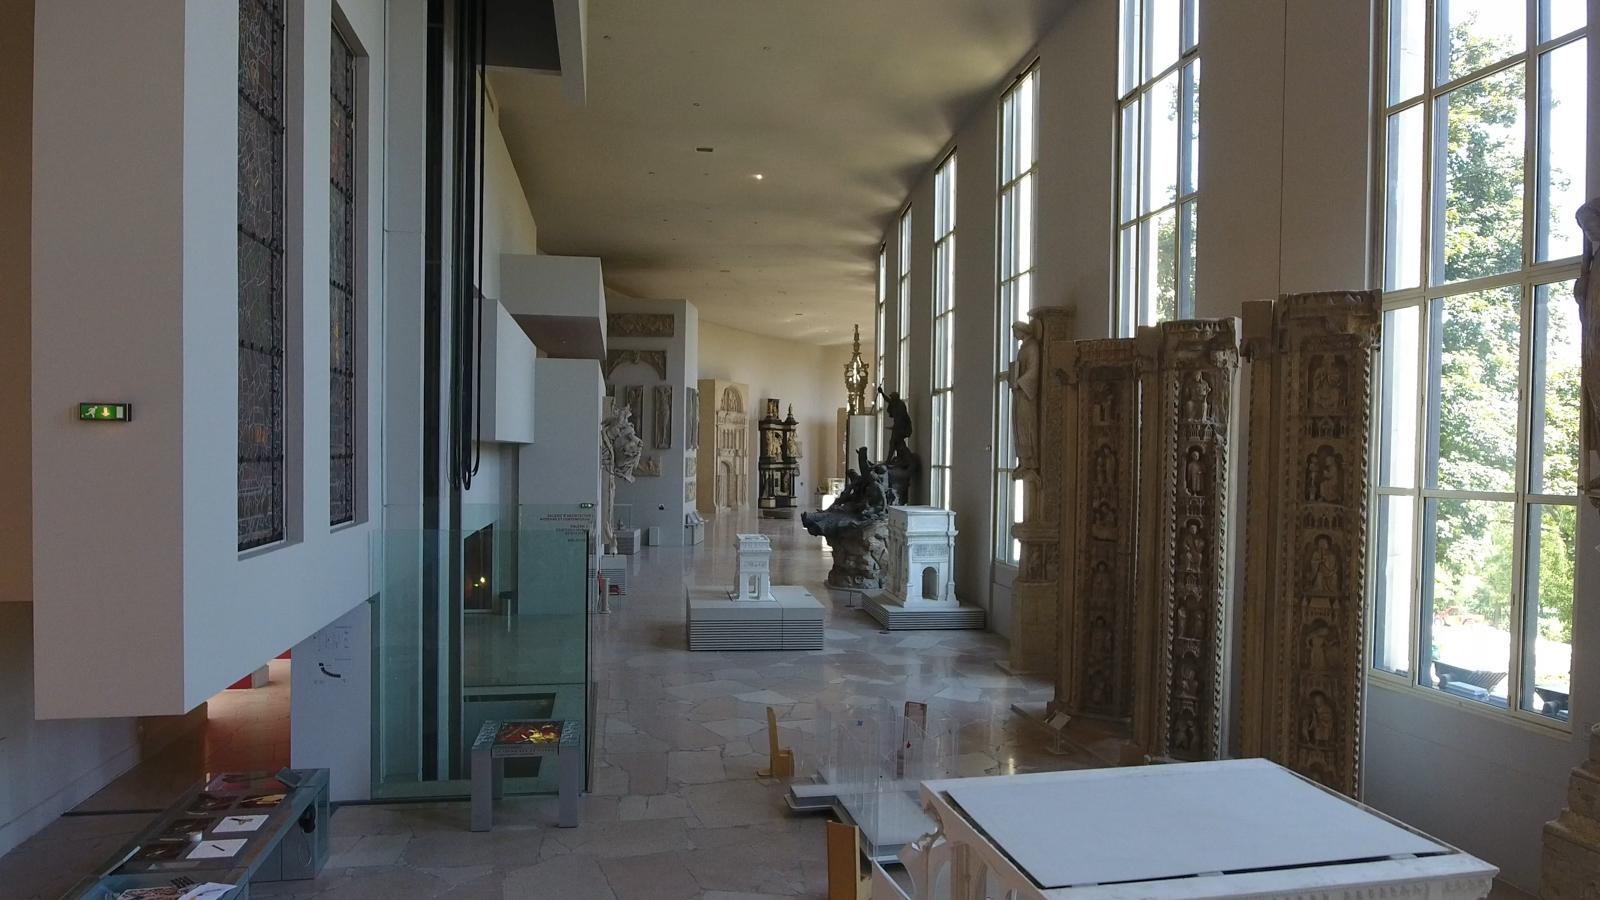 Cité de l'Architecture et du Patrimoine (salle 8)